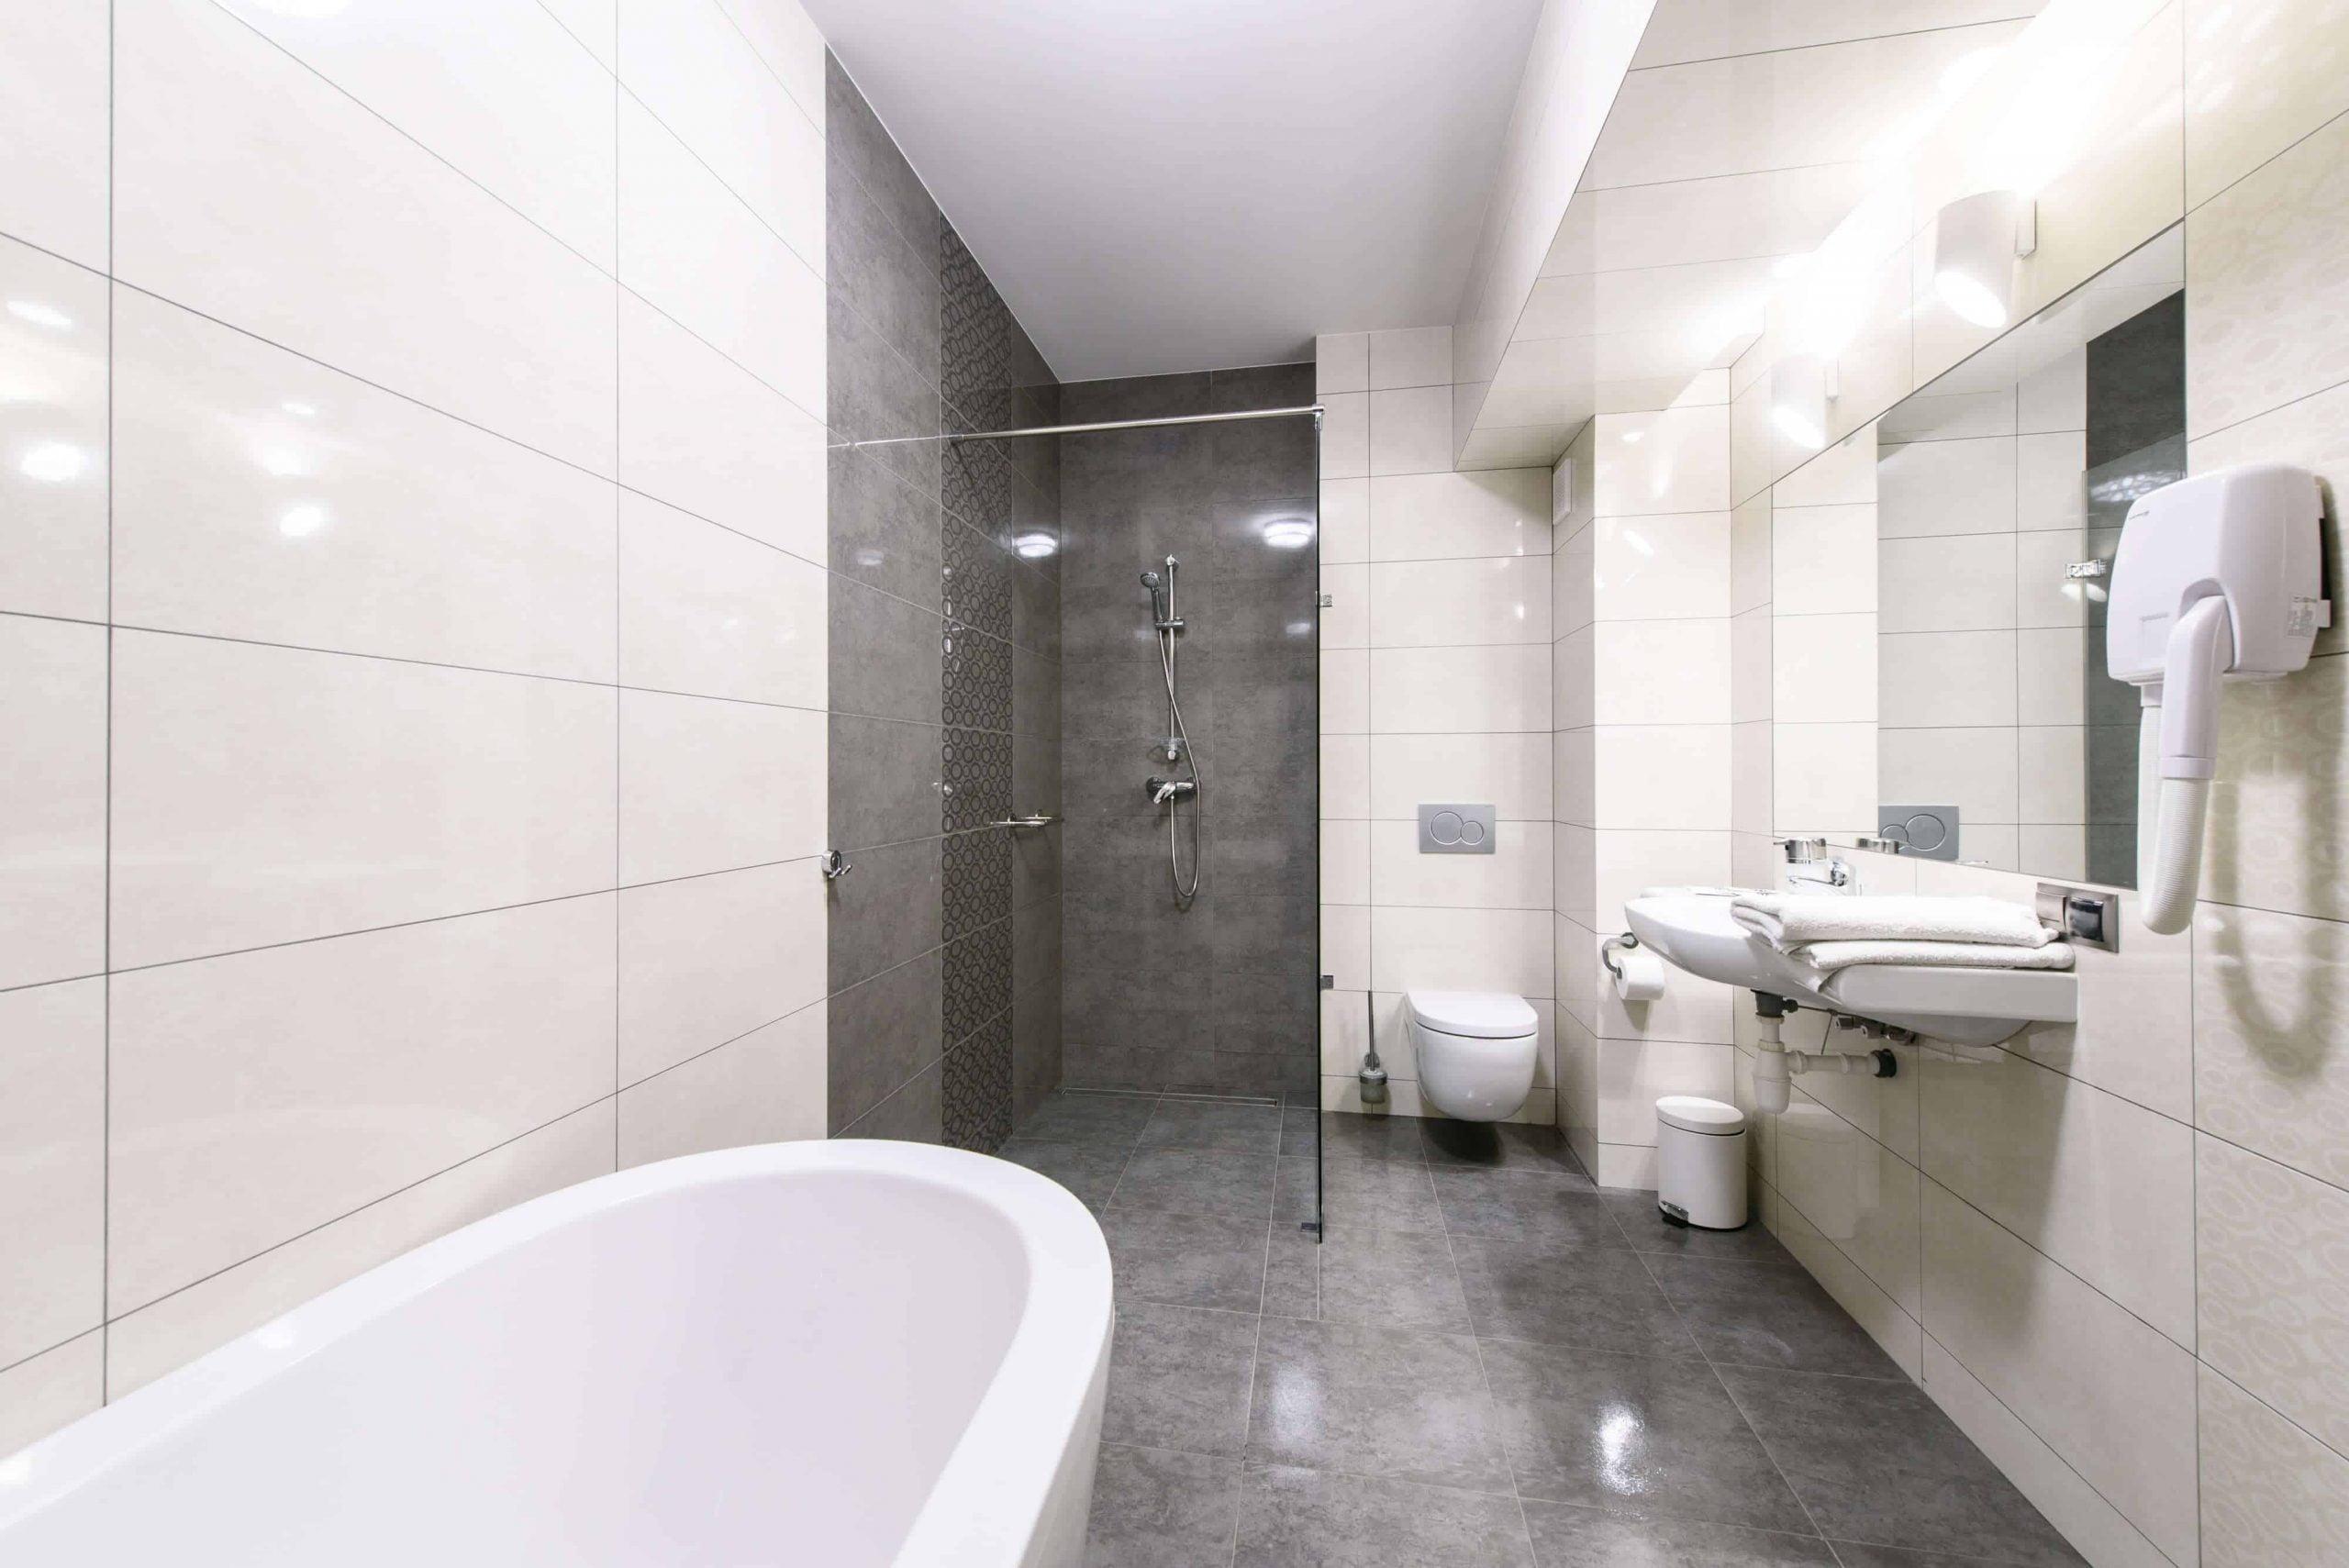 Apartament-lux-13-2_1